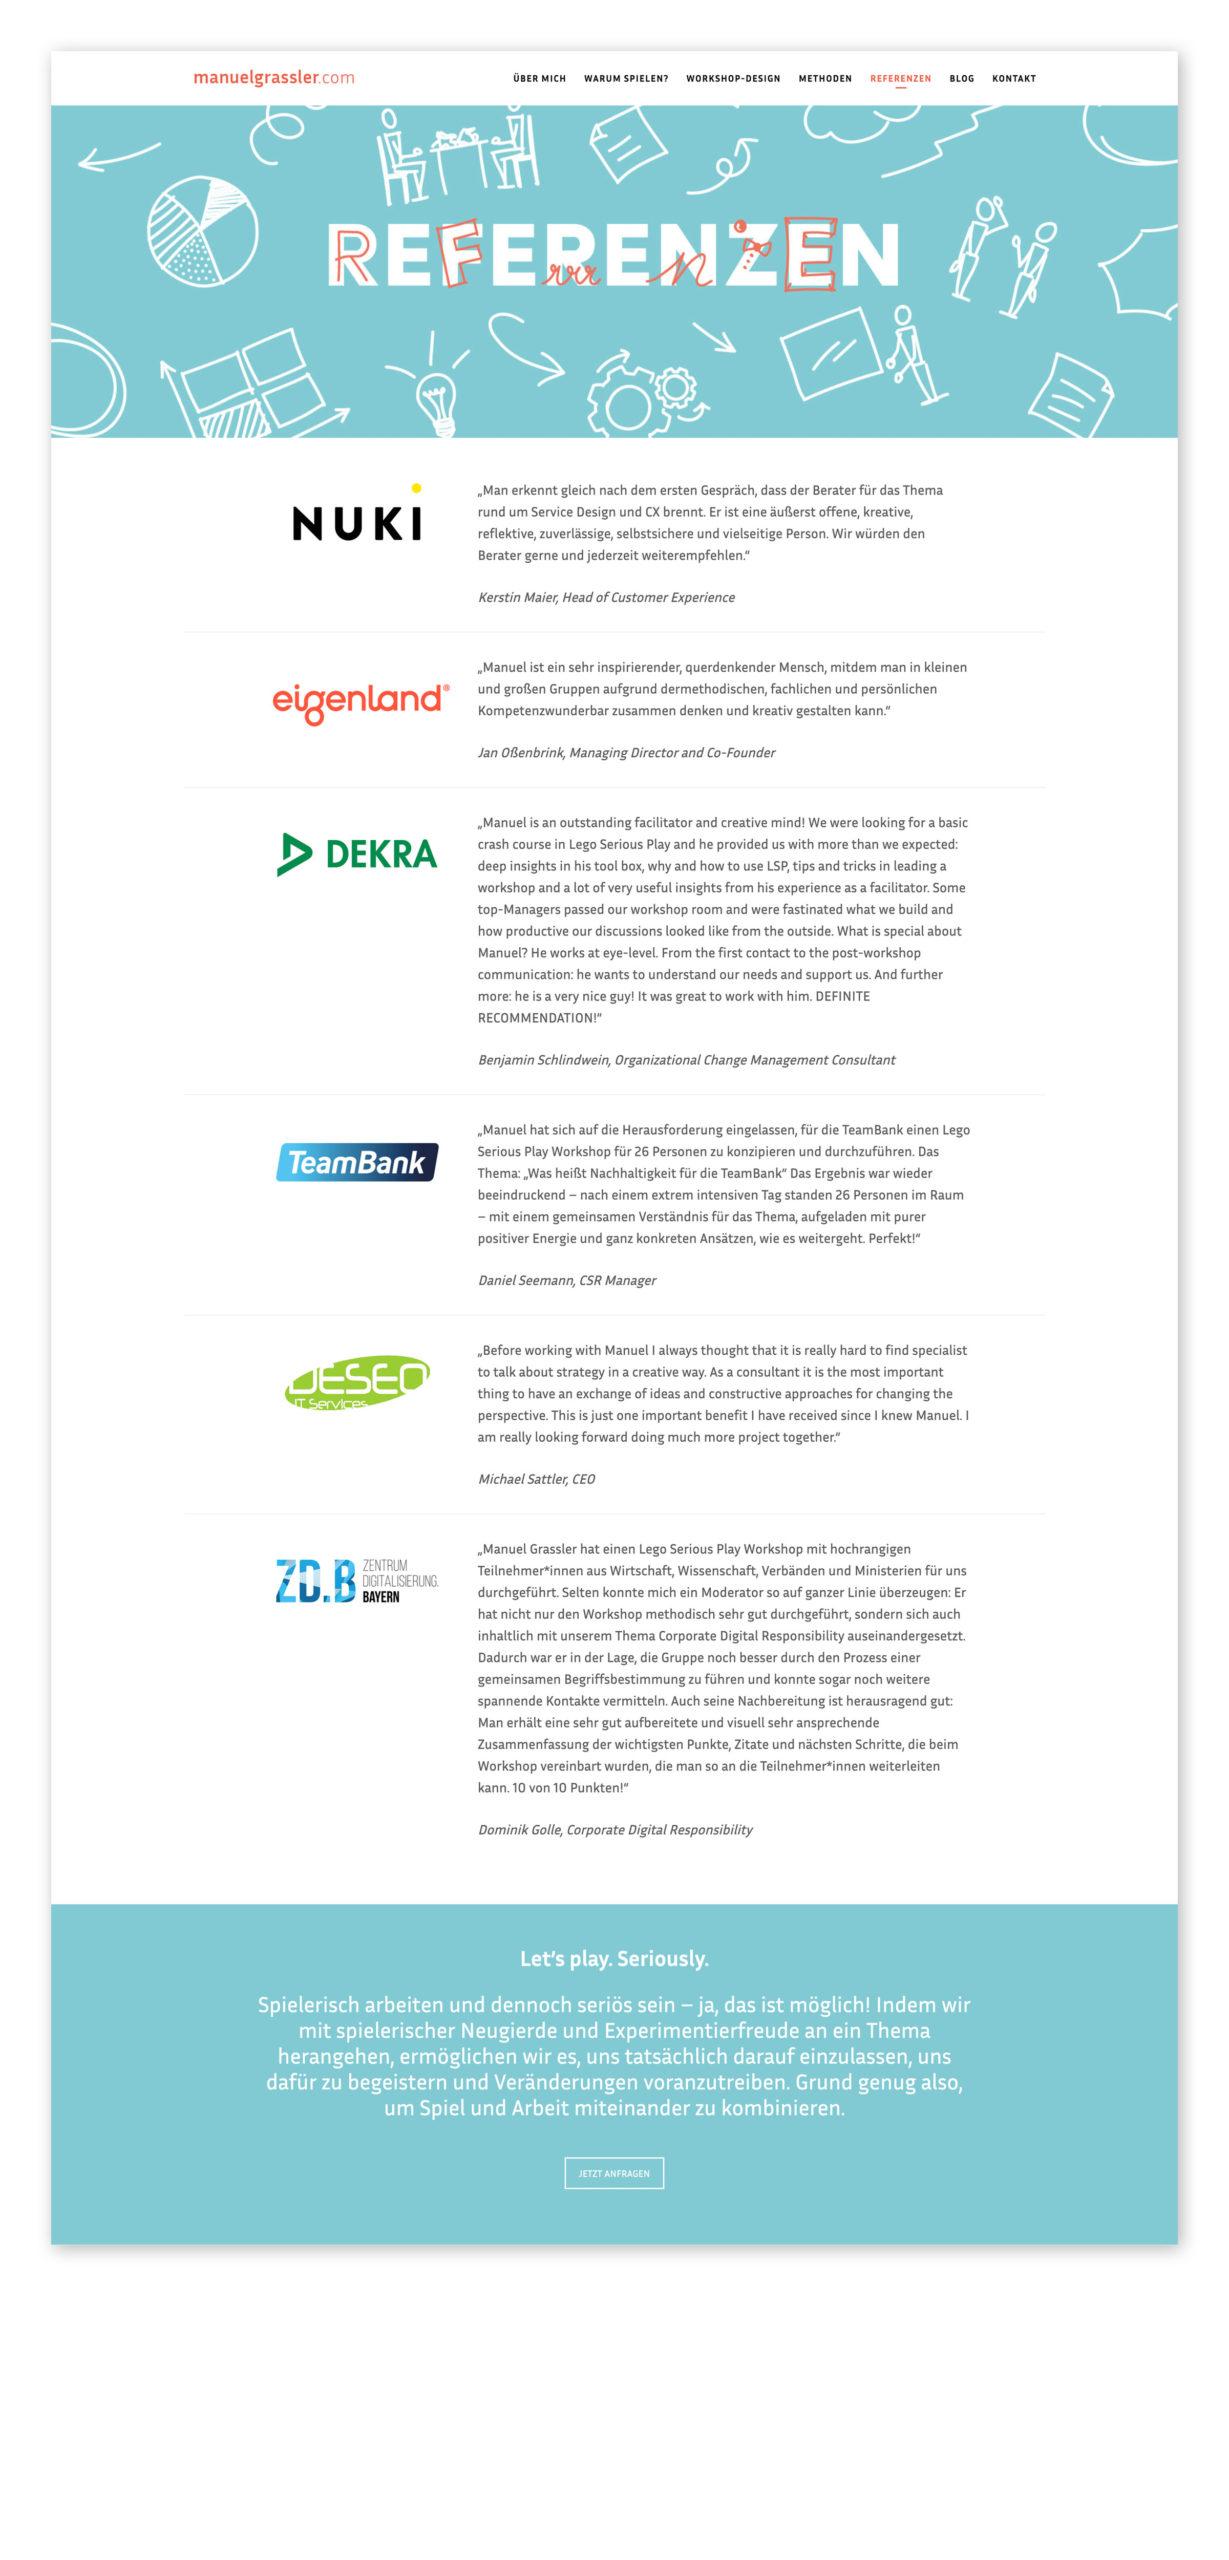 LOOK_Manuel_Grassler_web_Showcase_Referenzen